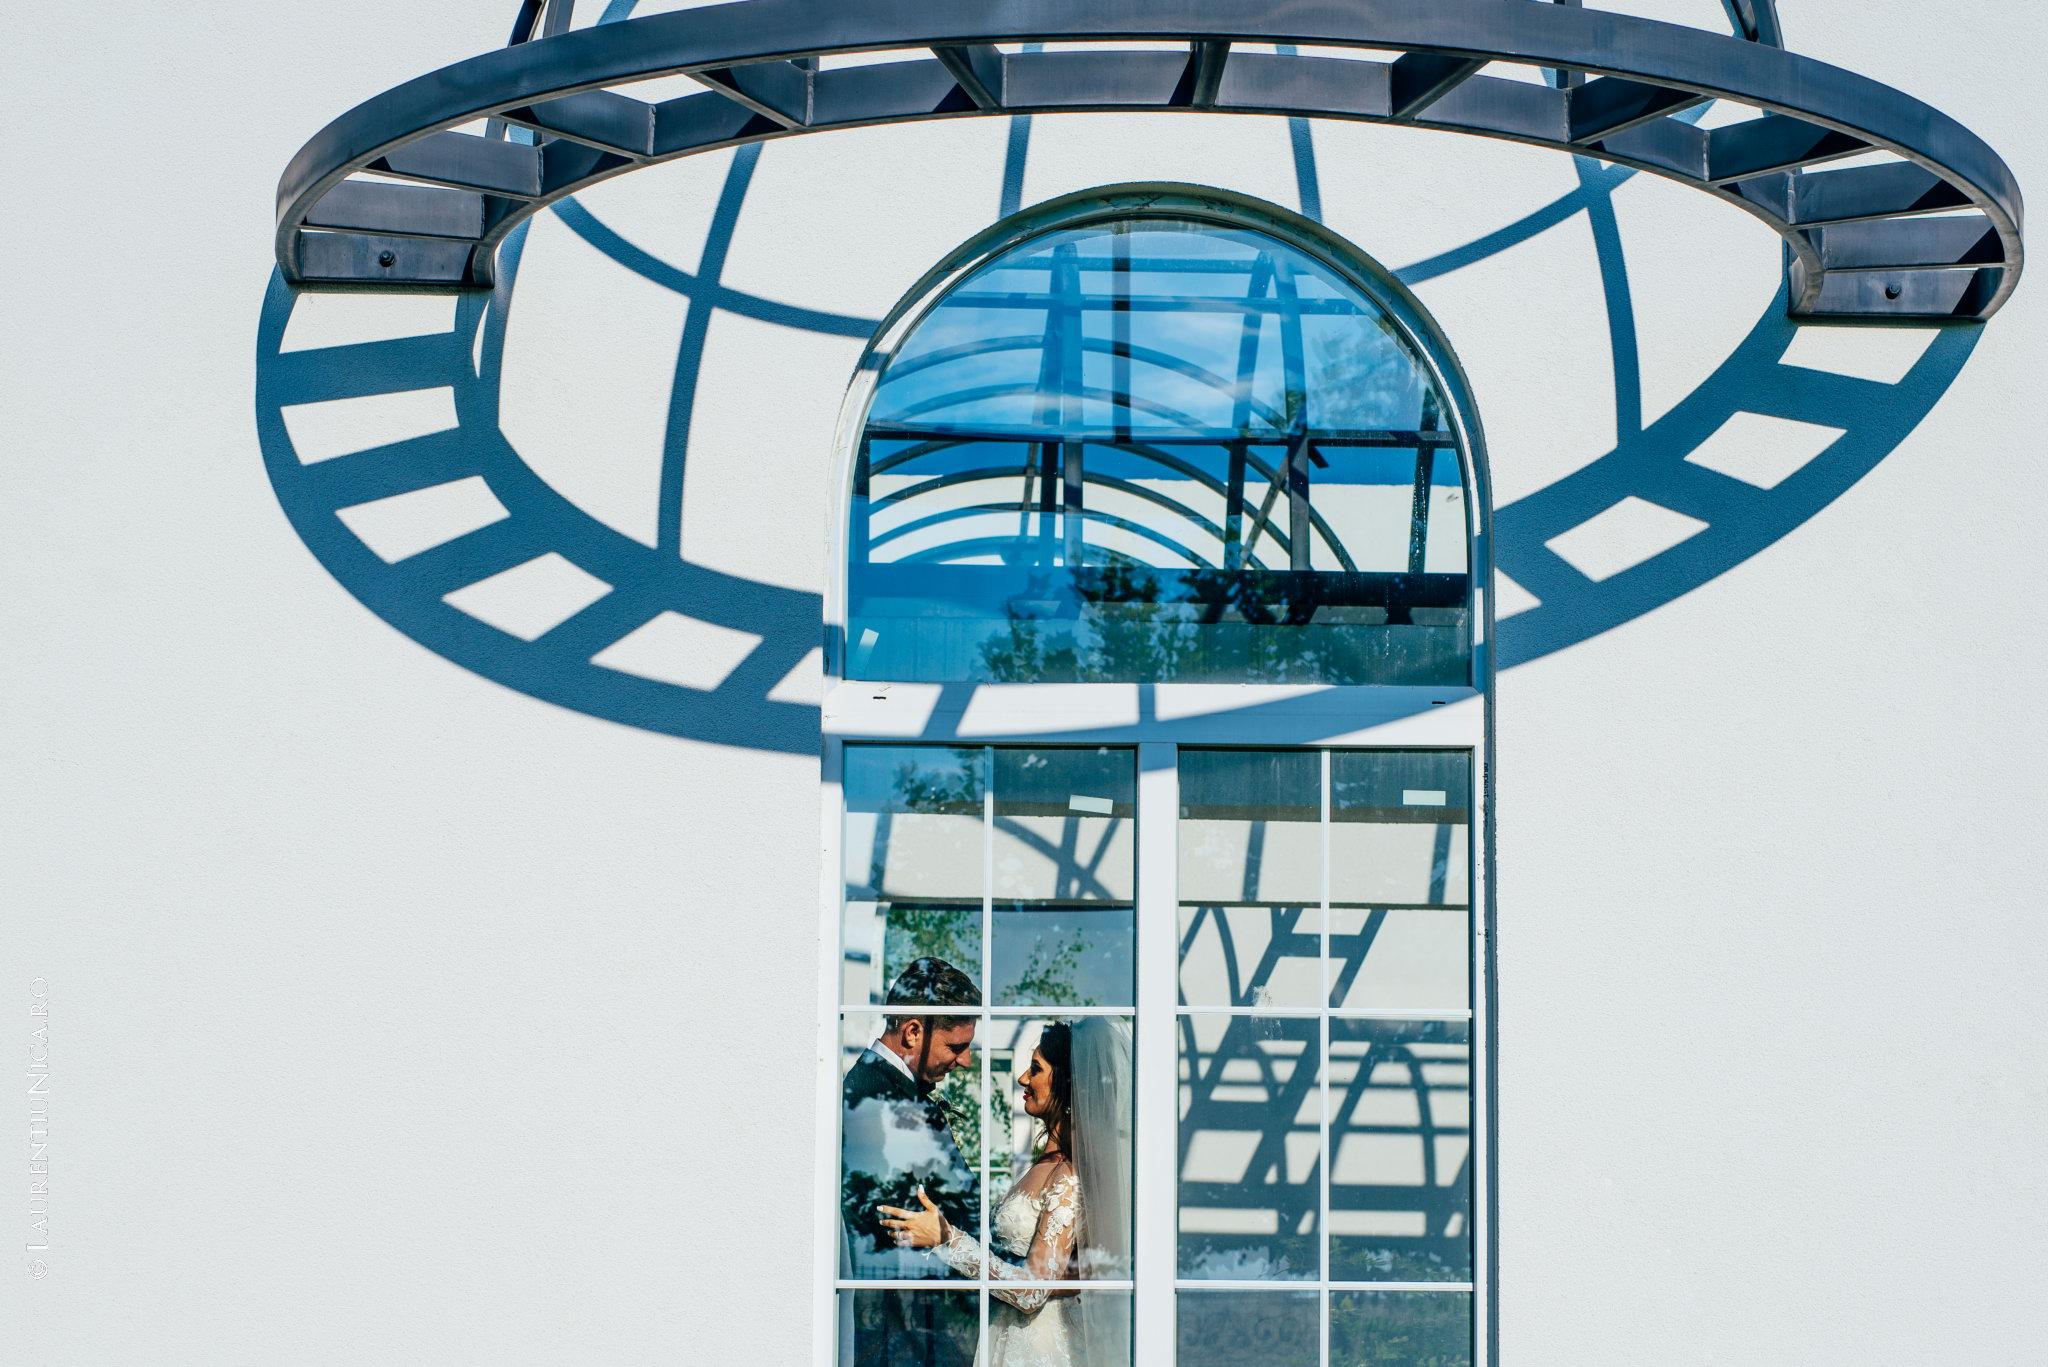 fotografii nunta denisa si florin craiova 35 - Denisa & Florin | Fotografii nunta | Craiova